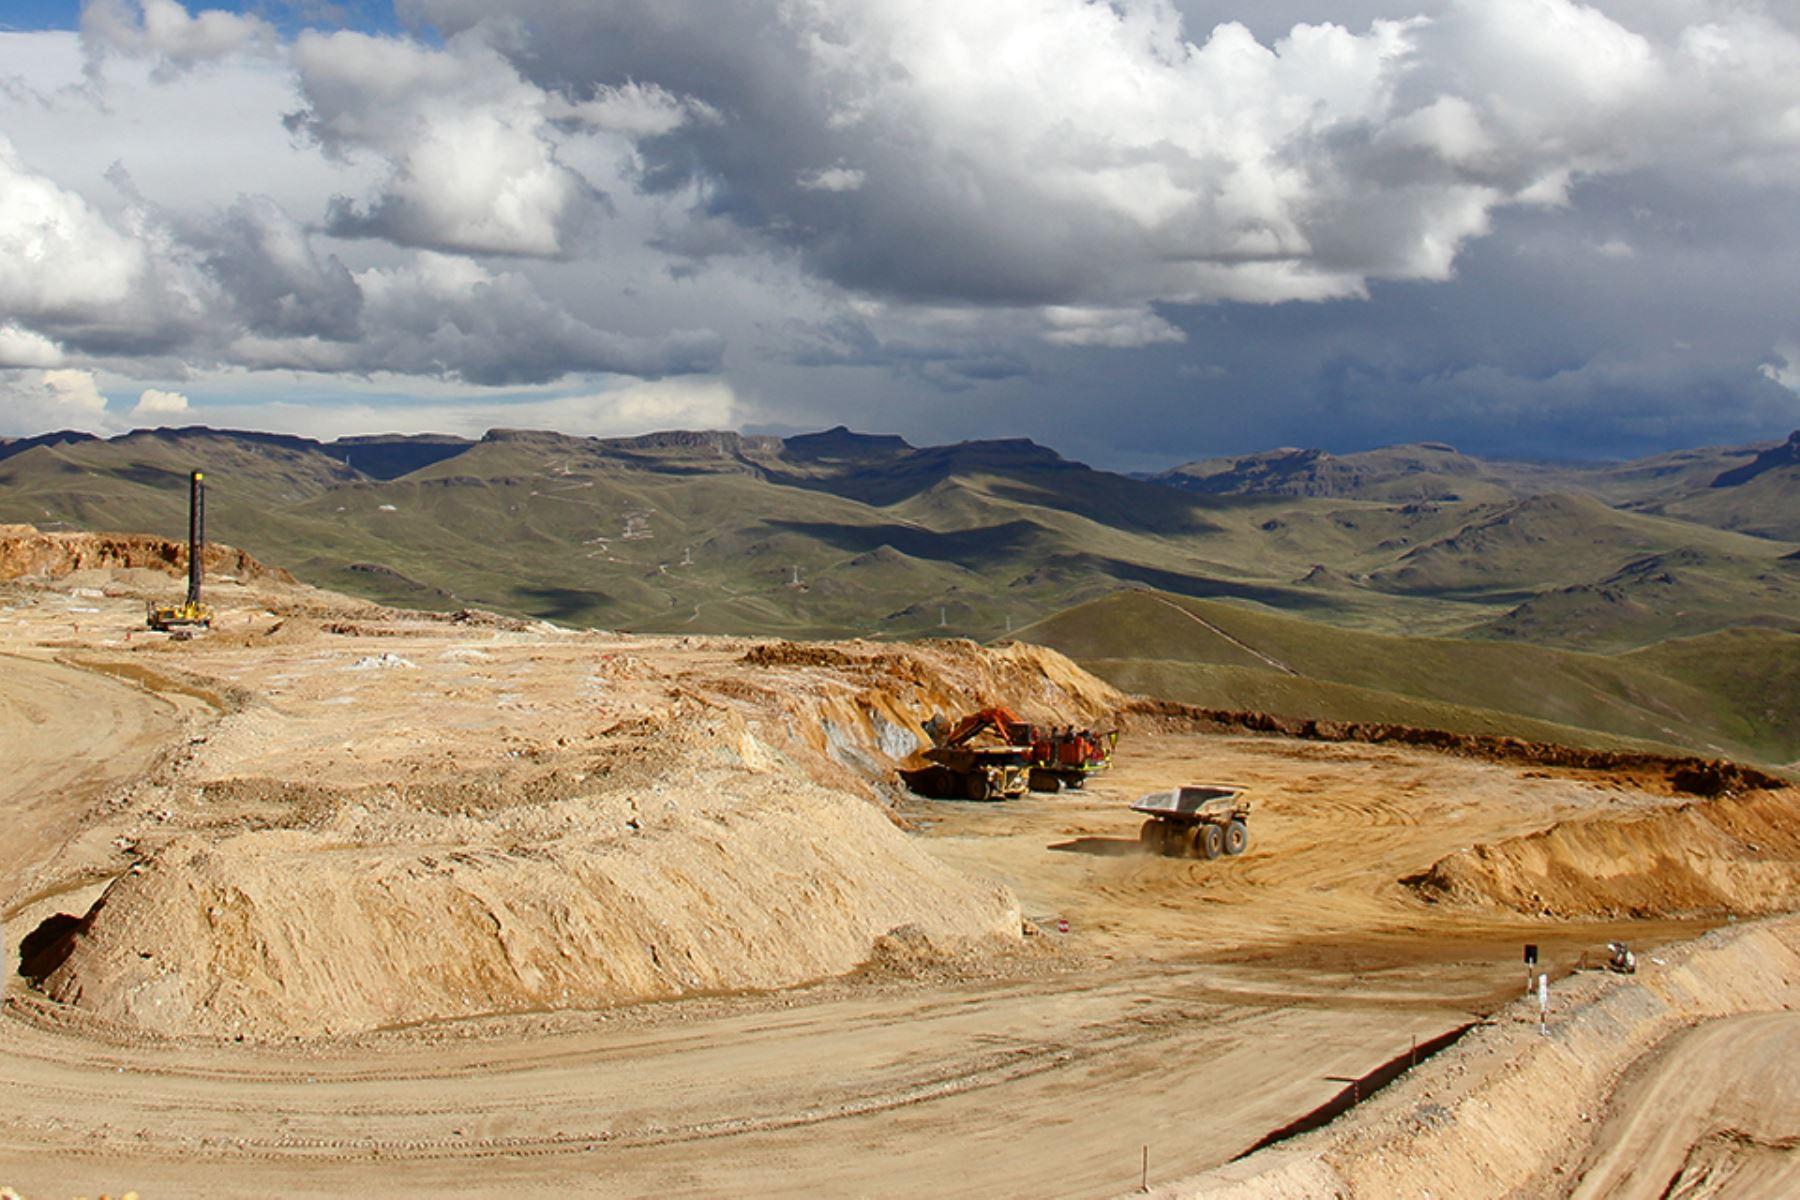 exportaciones-mineras-retrocedieron-245-durante-primer-semestre